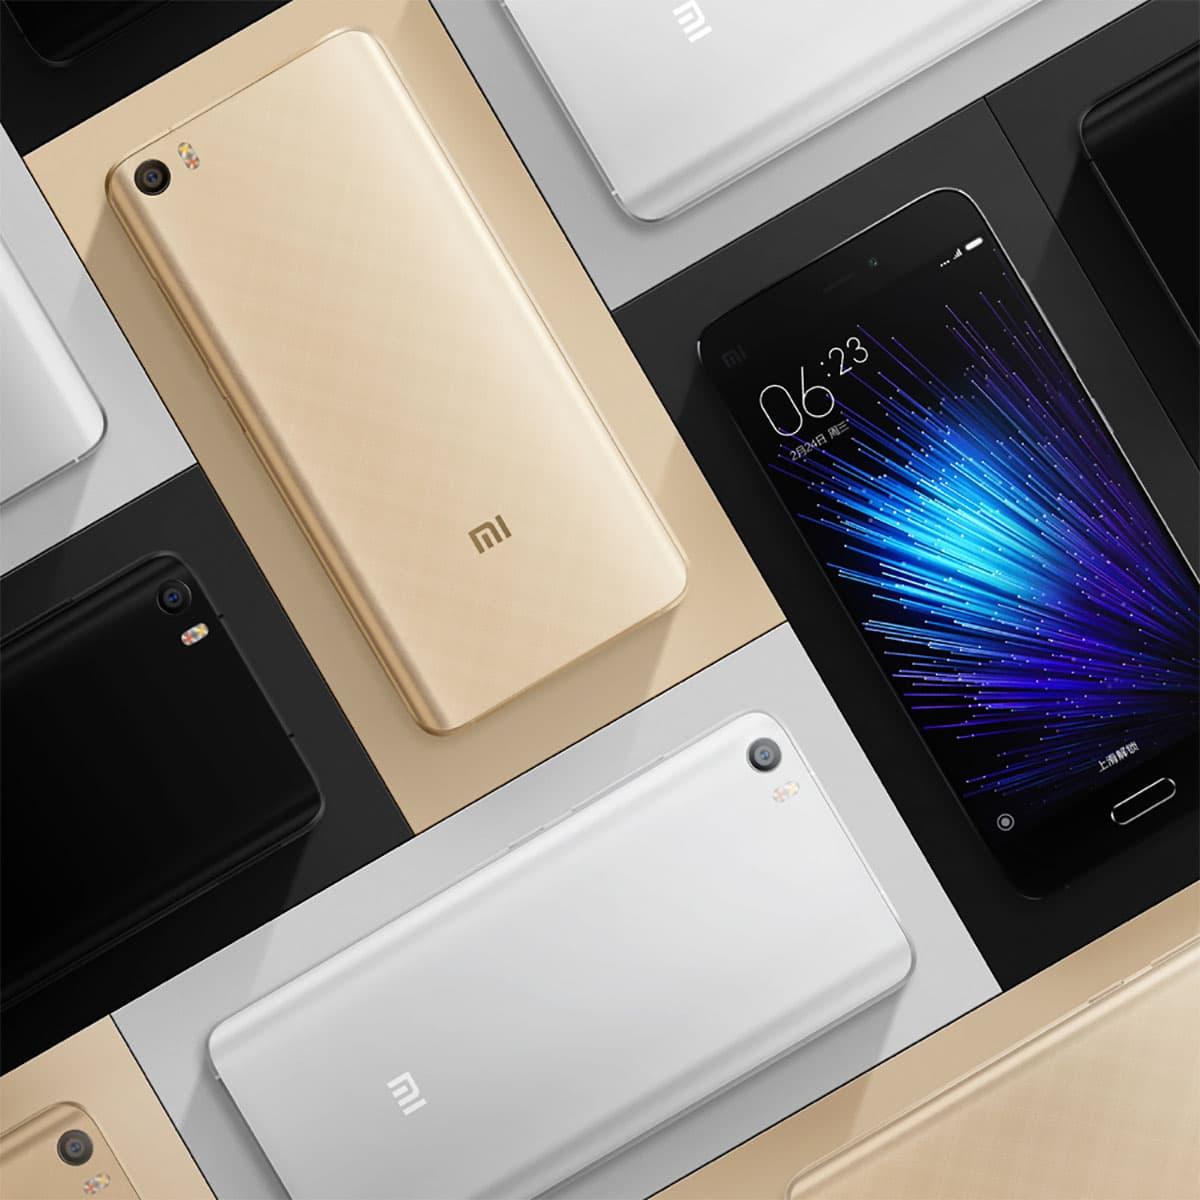 xiaomi mi5 smartphone mit viel leistung zum kleinen preis. Black Bedroom Furniture Sets. Home Design Ideas